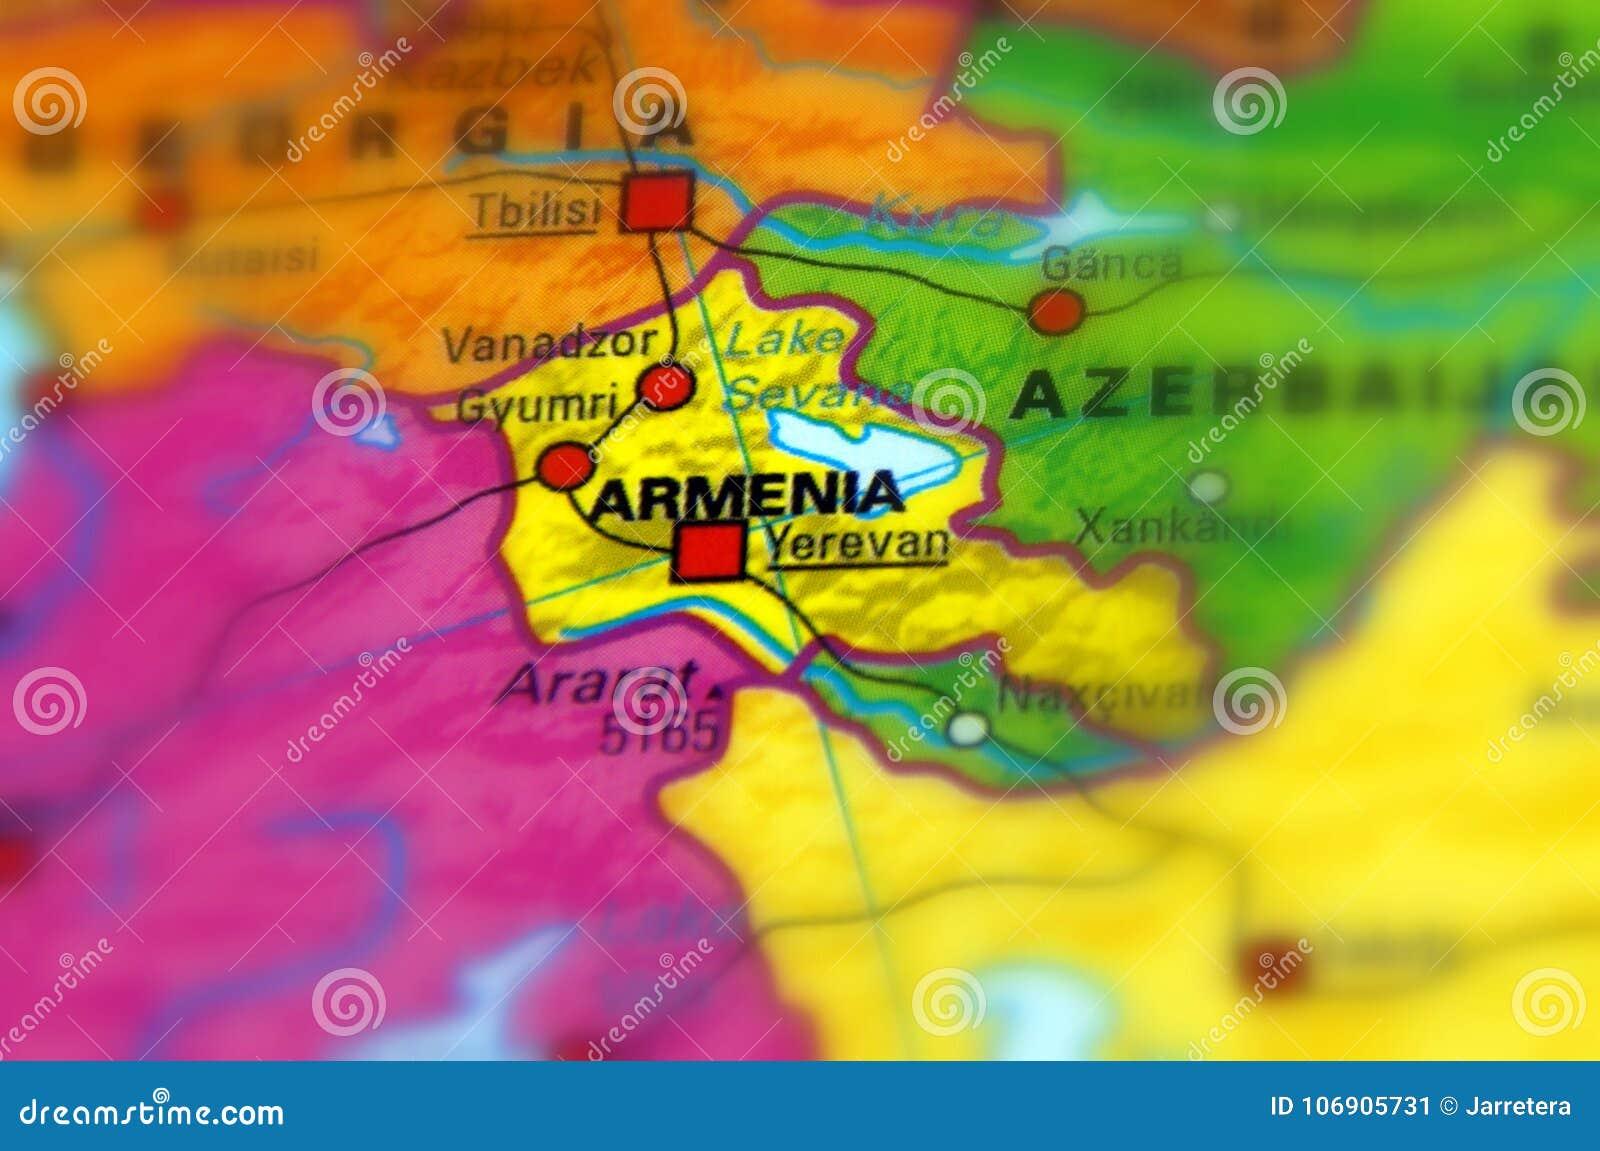 Armenia Armenia republika, oficjalnie